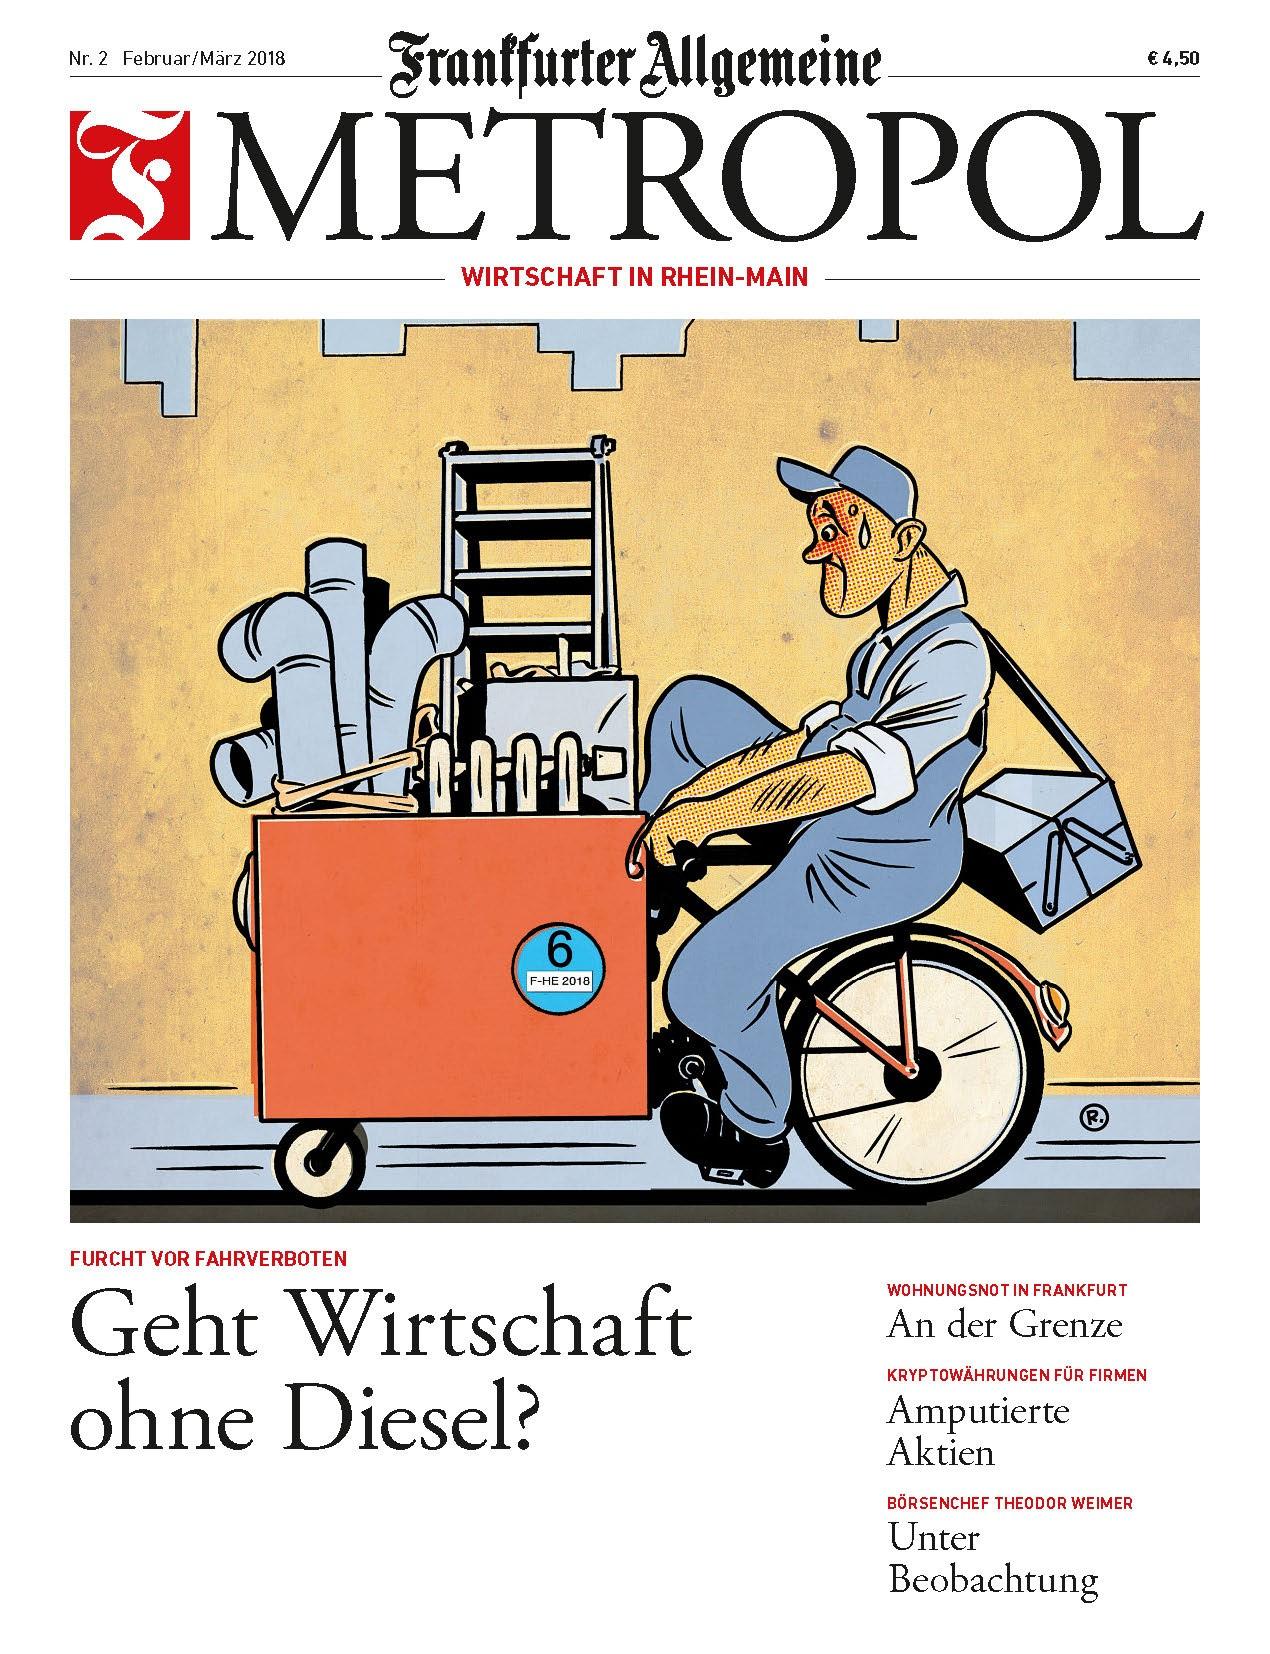 [RHEIN-MAIN] ABO der Neuen Wirtschaftszeitung für Rhein-Main - F.A.Z: Metropol für LAU